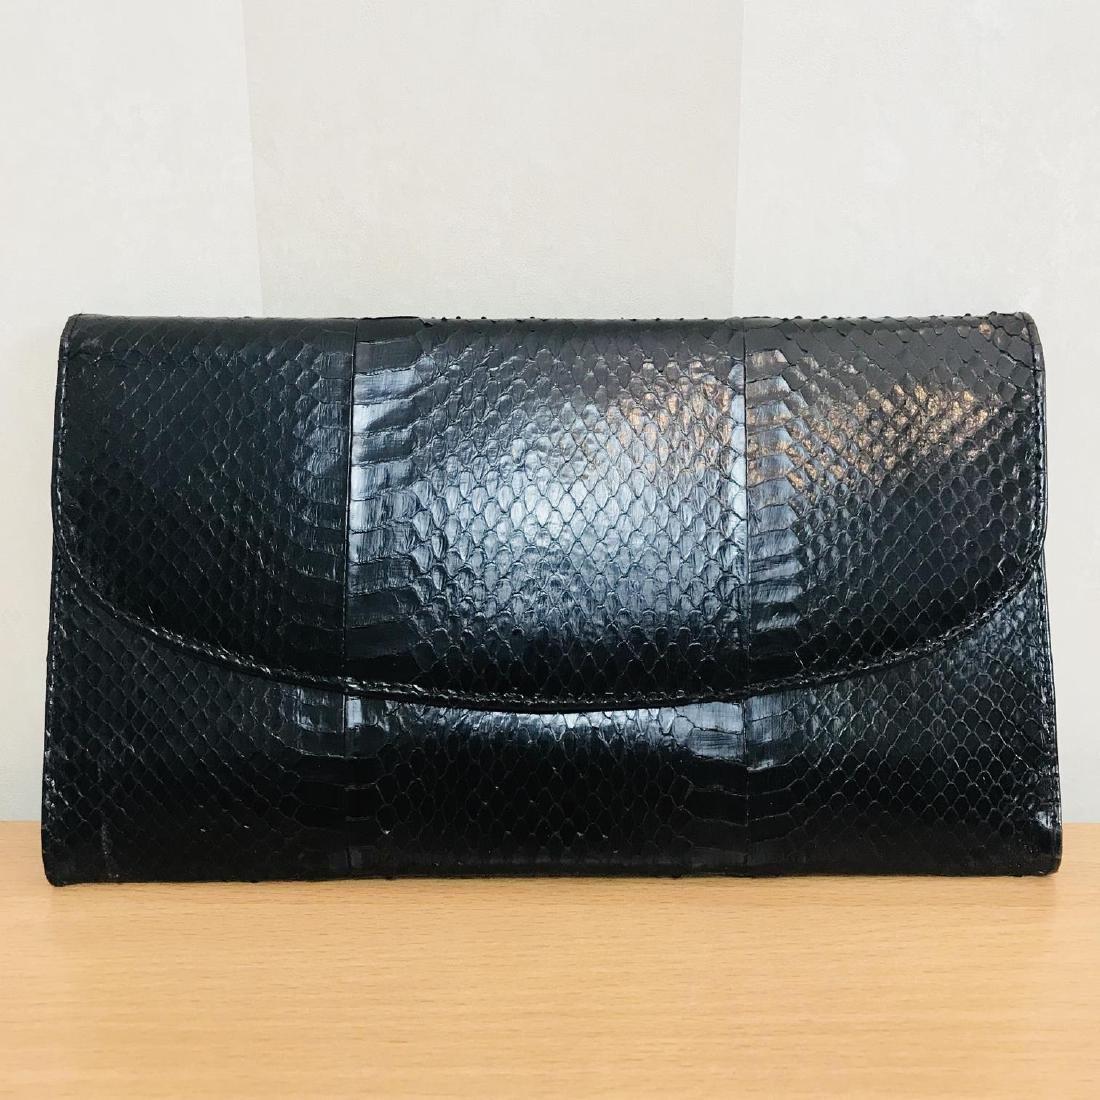 Vintage Genuine Snake Skin Leather Clutch Bag